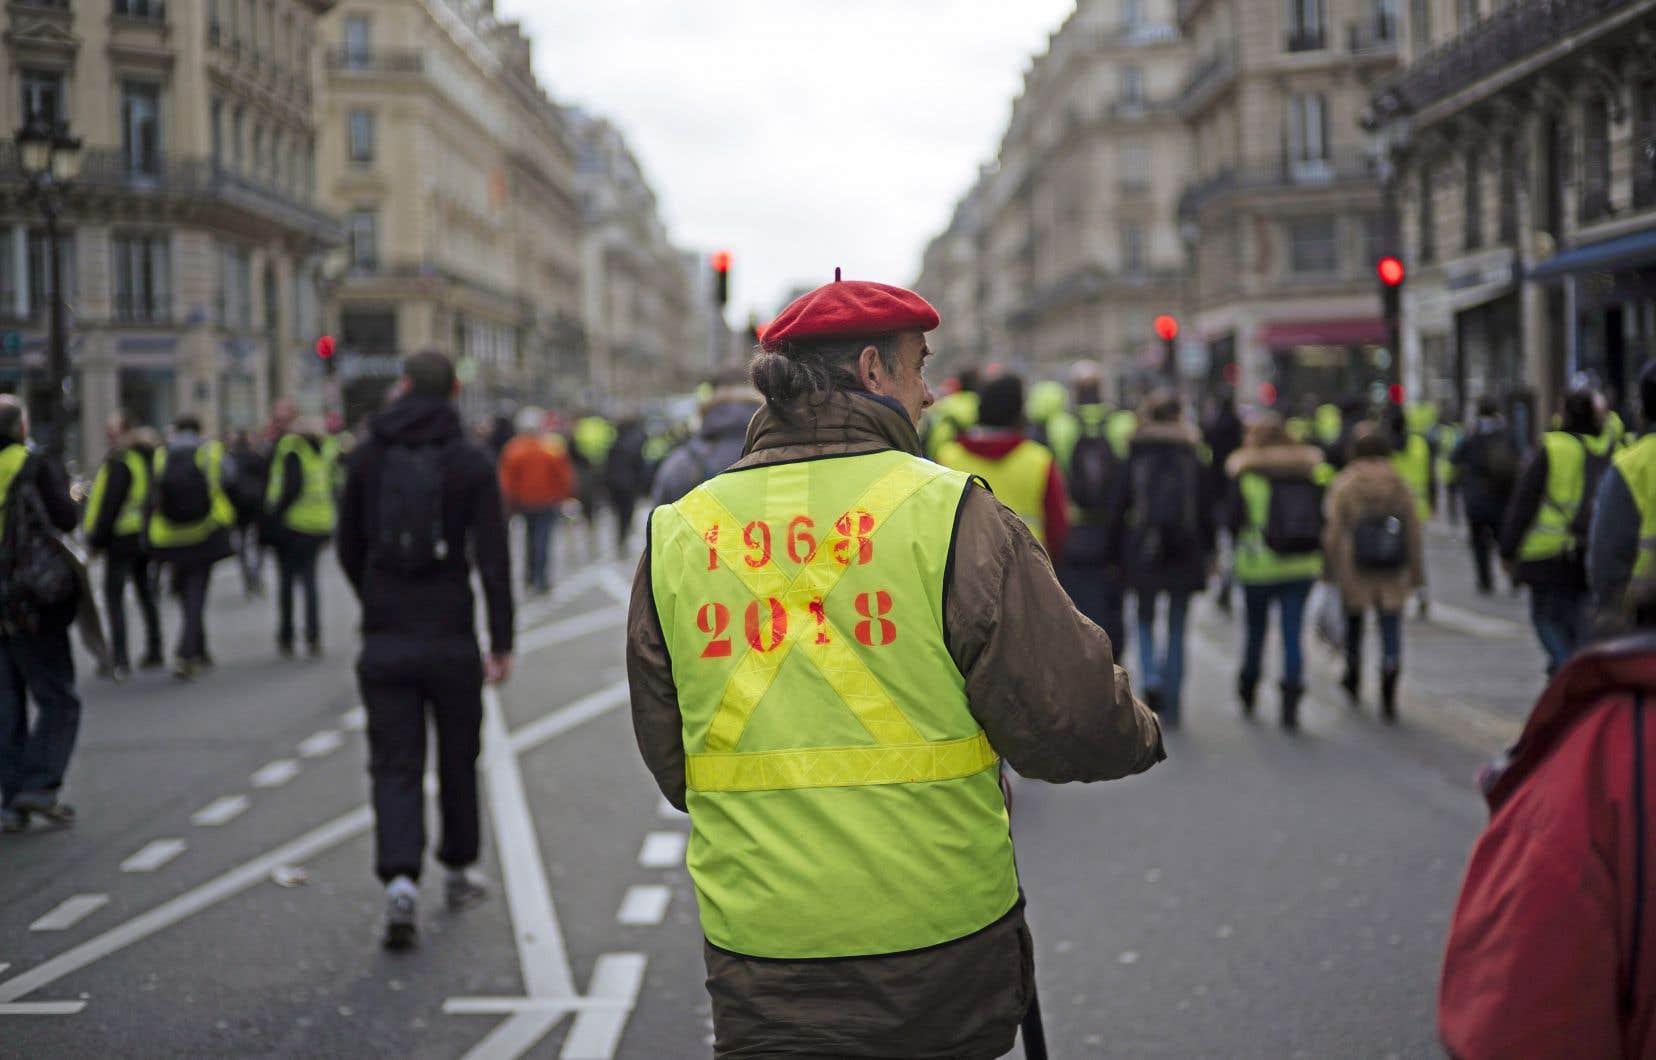 Plusieurs croient que le référendum d'initiative citoyenne serait une façon de combler le fossé grandissant qu'a révélé la révolte des gilets jaunes entre les élites et les classes populaires.